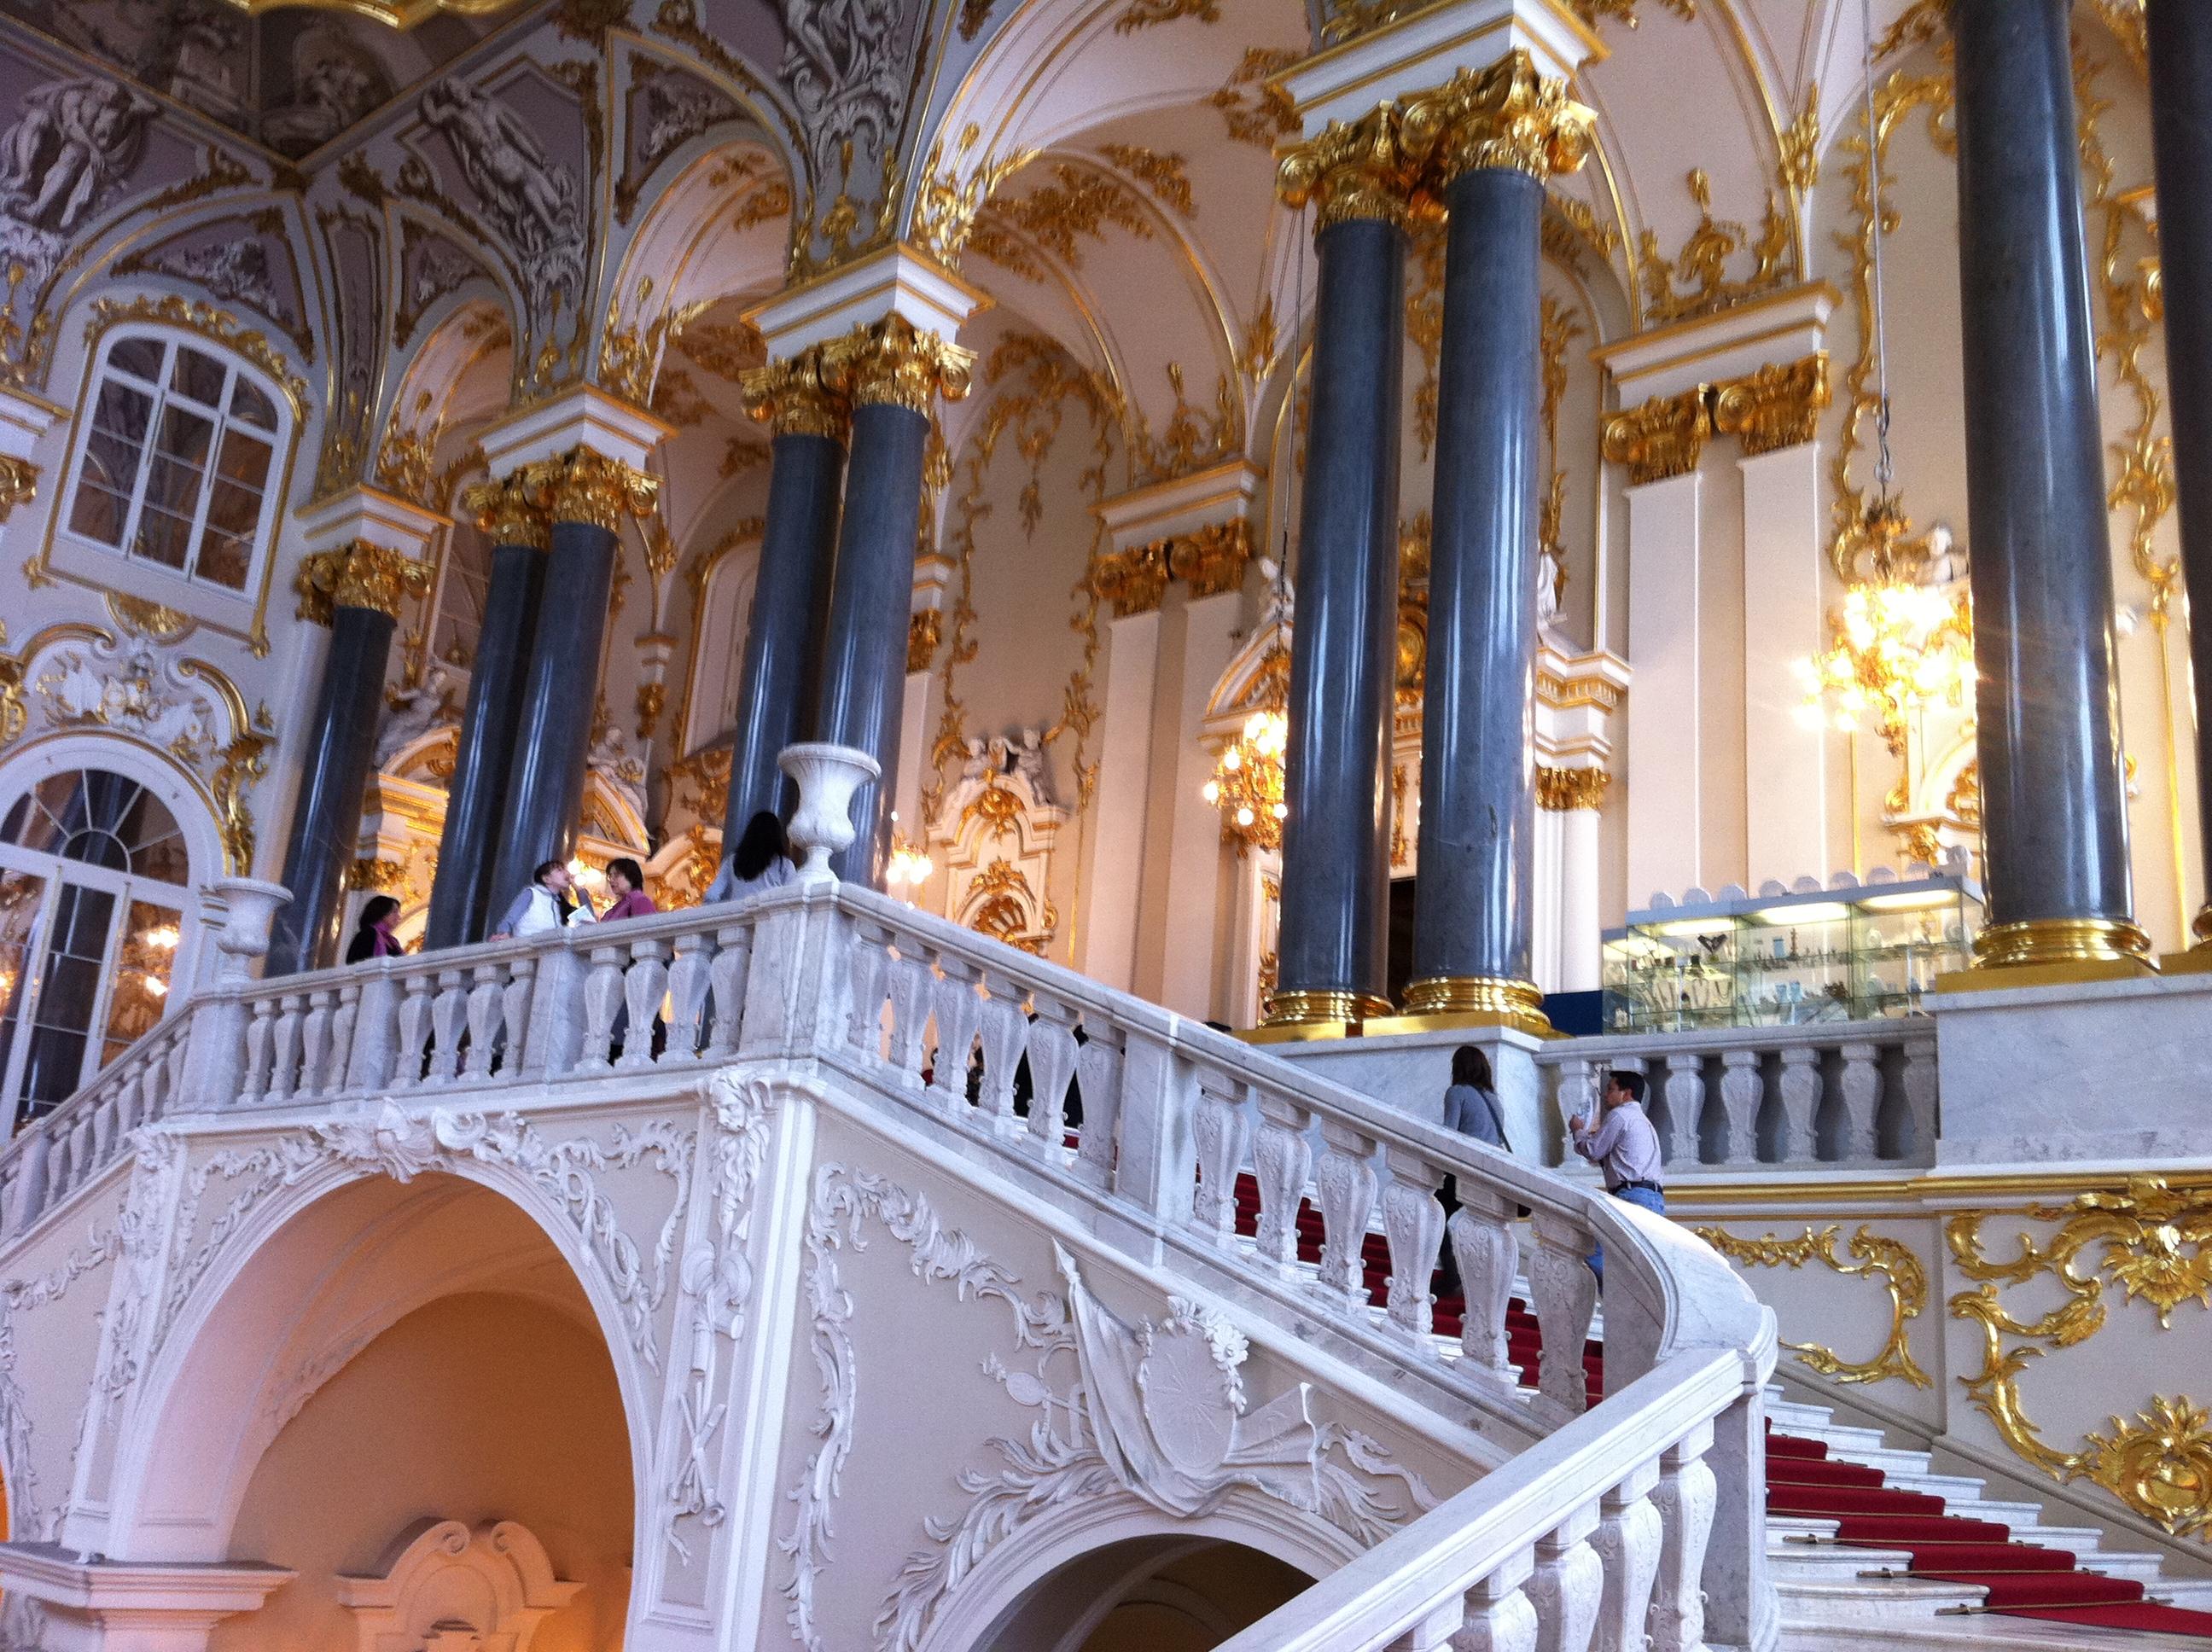 Eremitagets vackra trappa